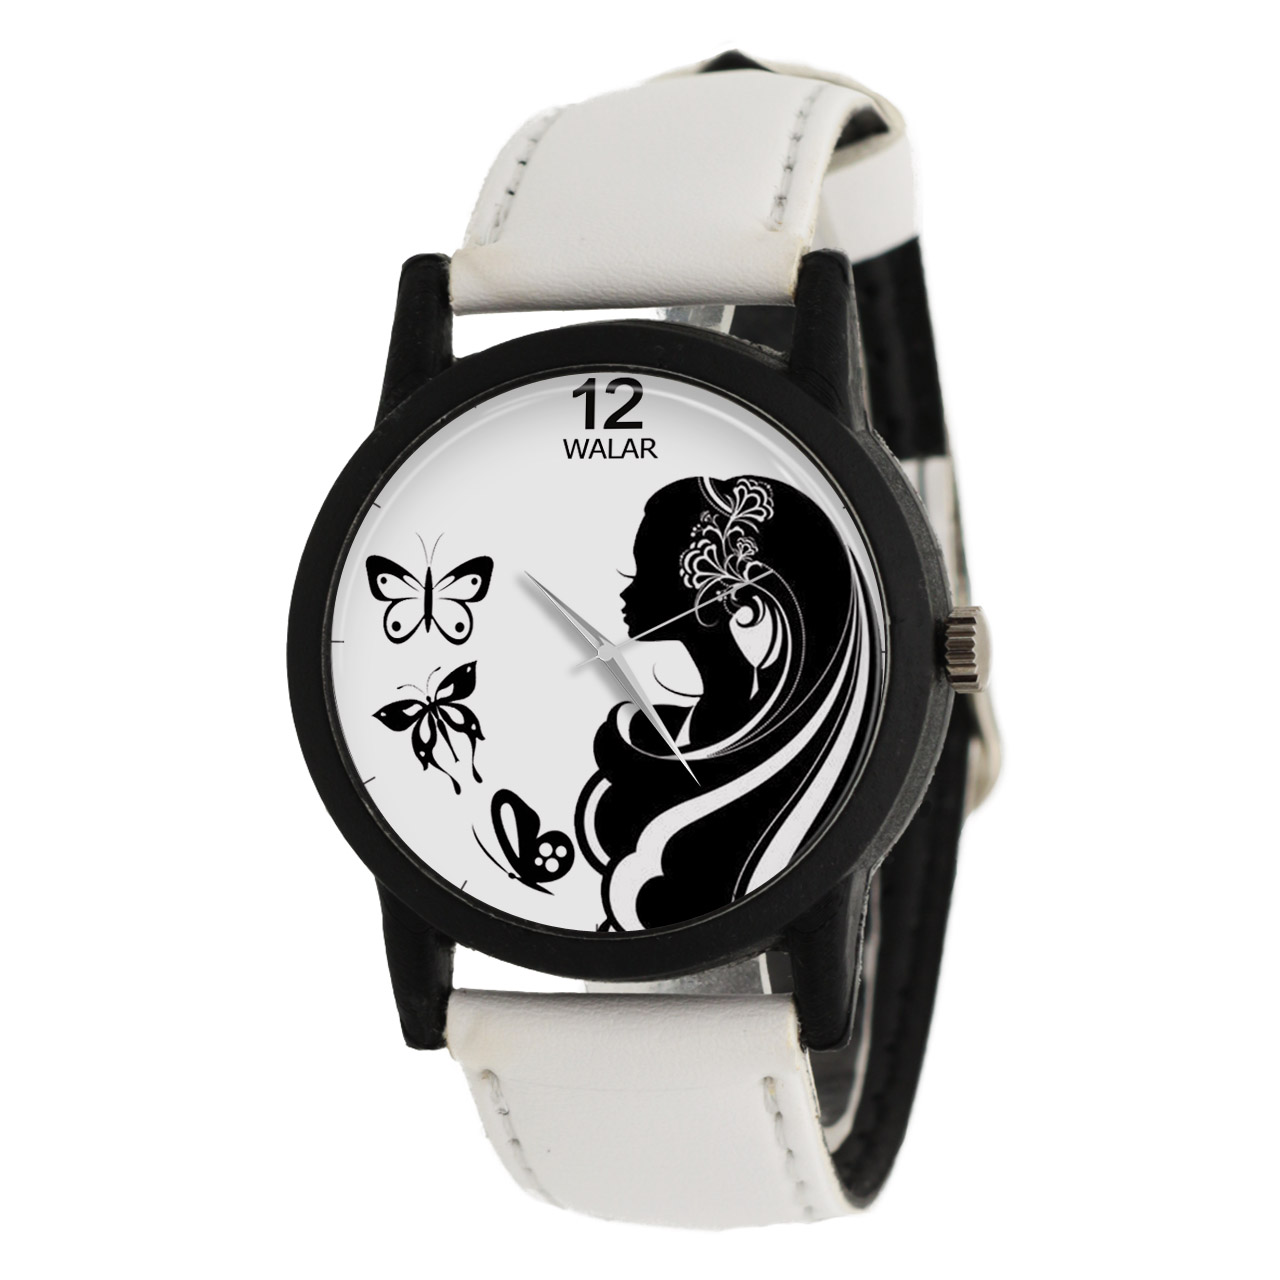 ساعت مچی عقربه ای زنانه والار مدل LF1491 13